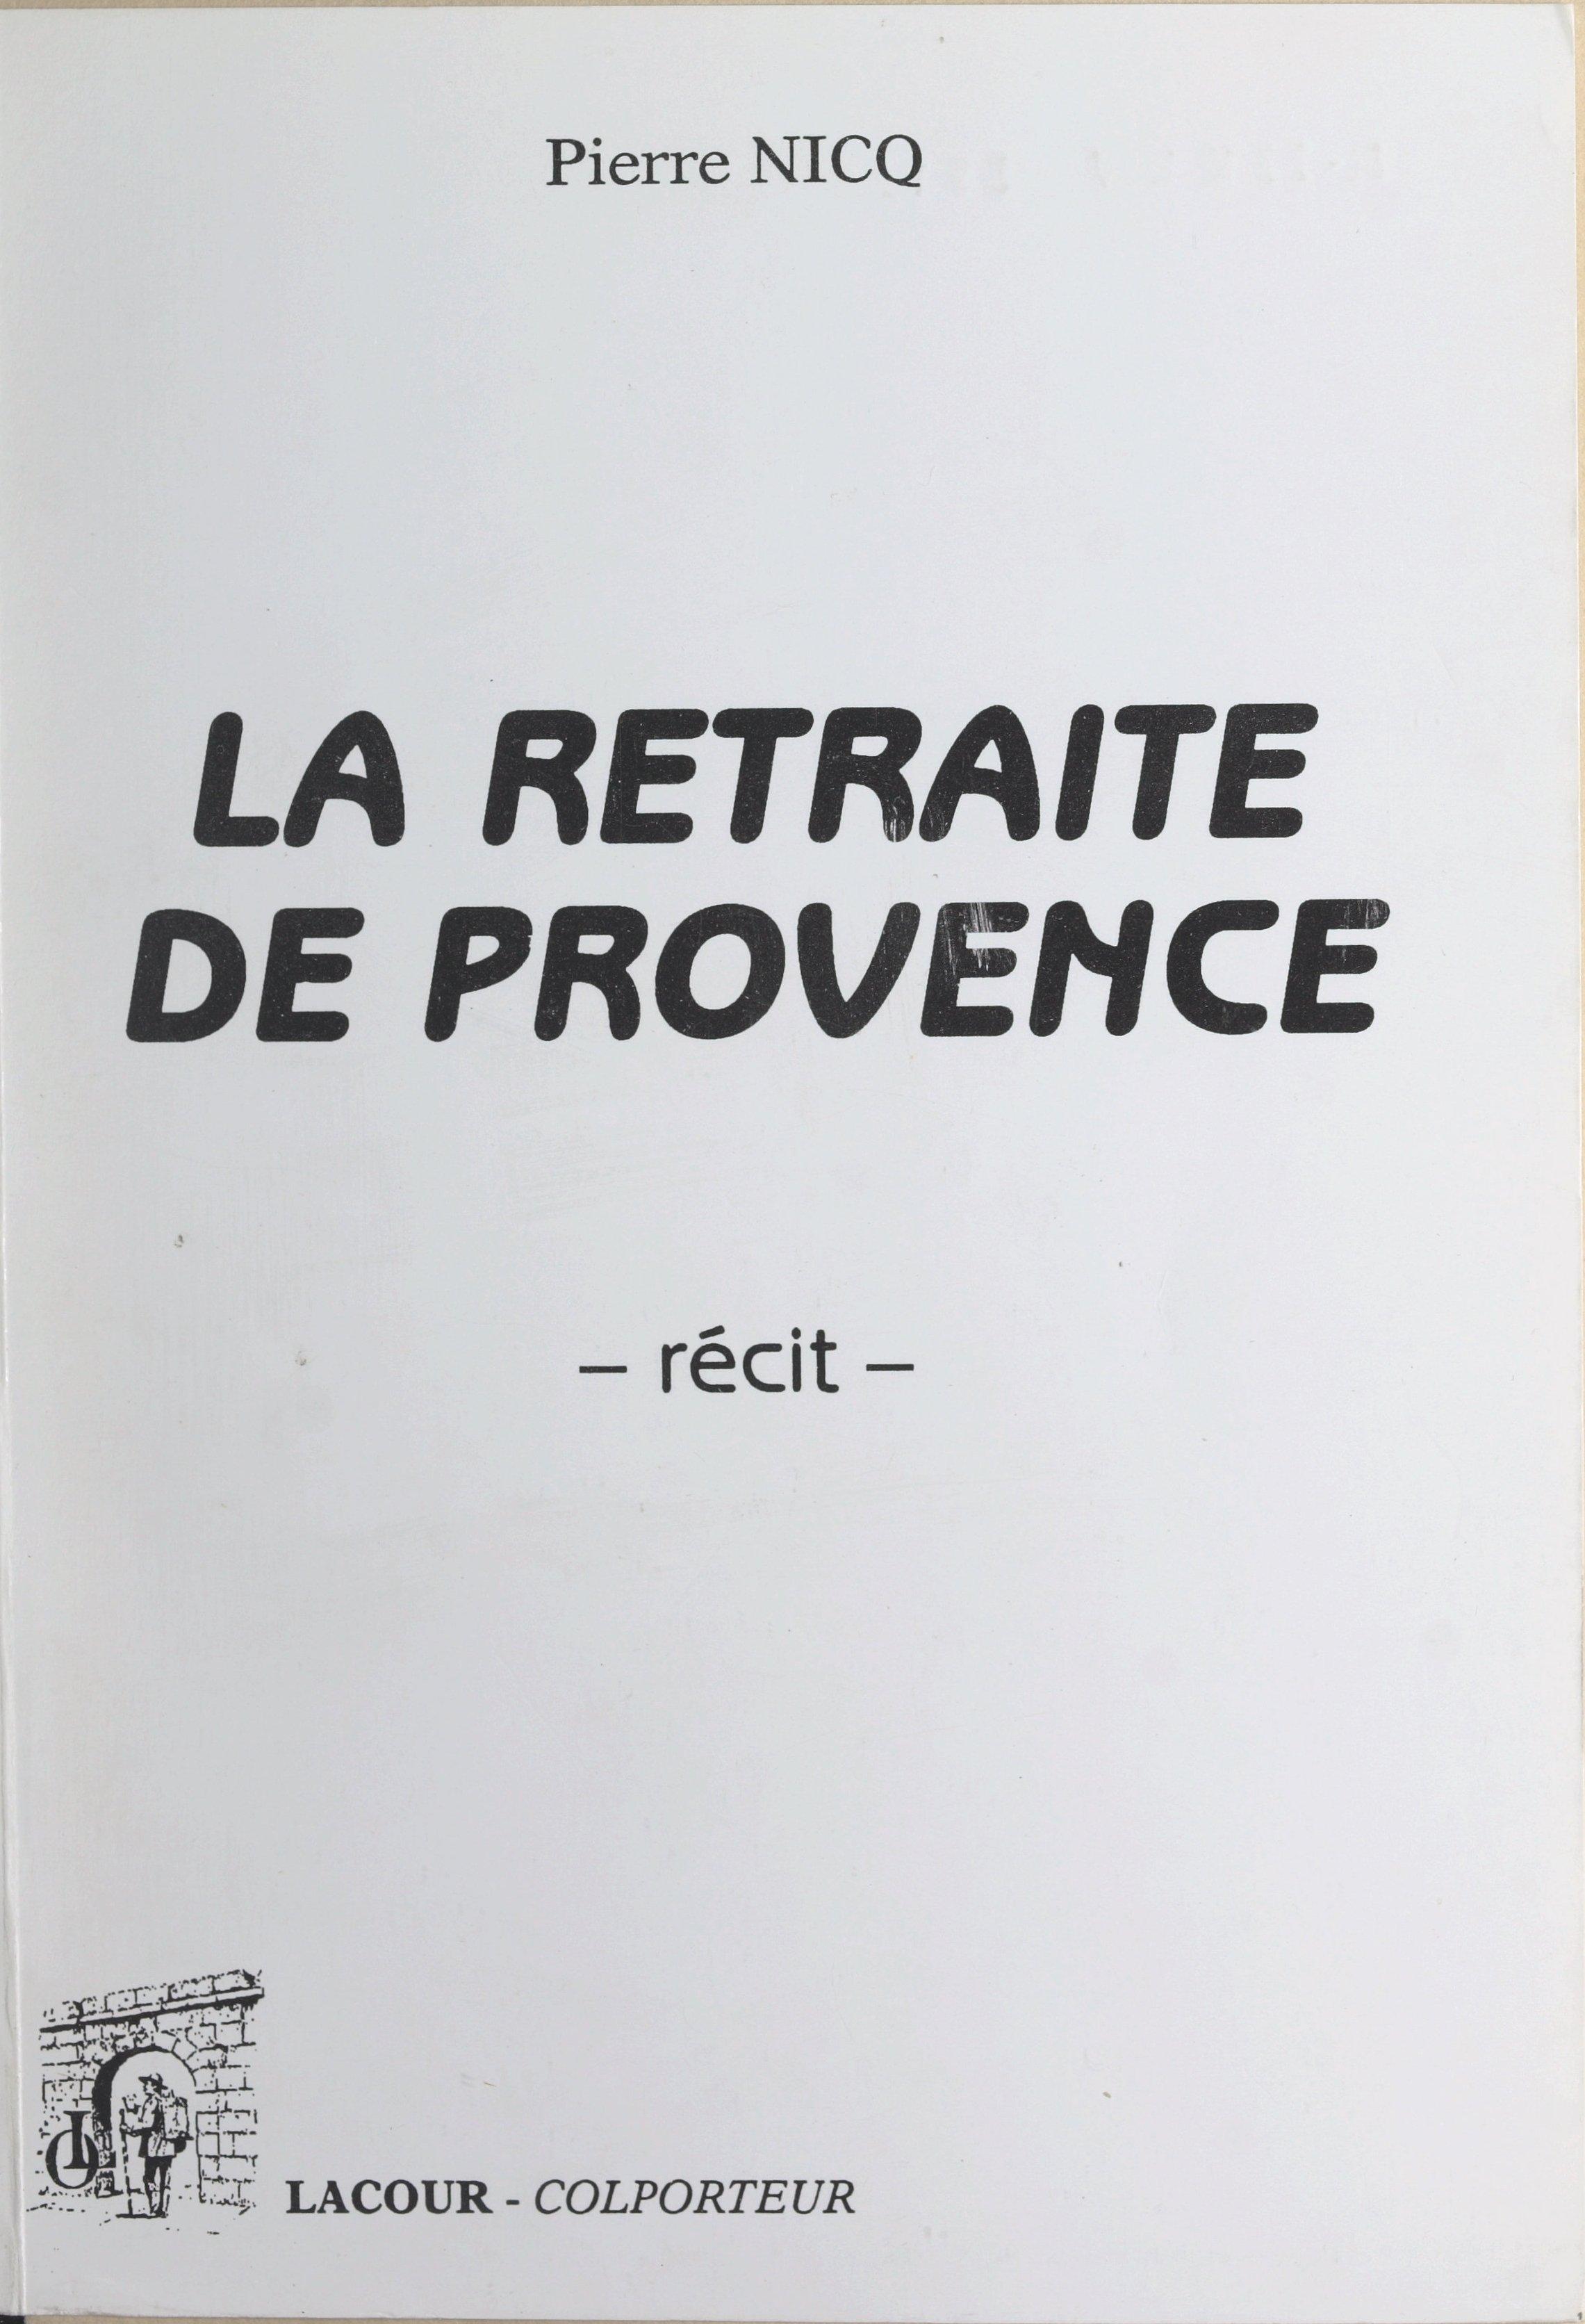 La retraite de Provence